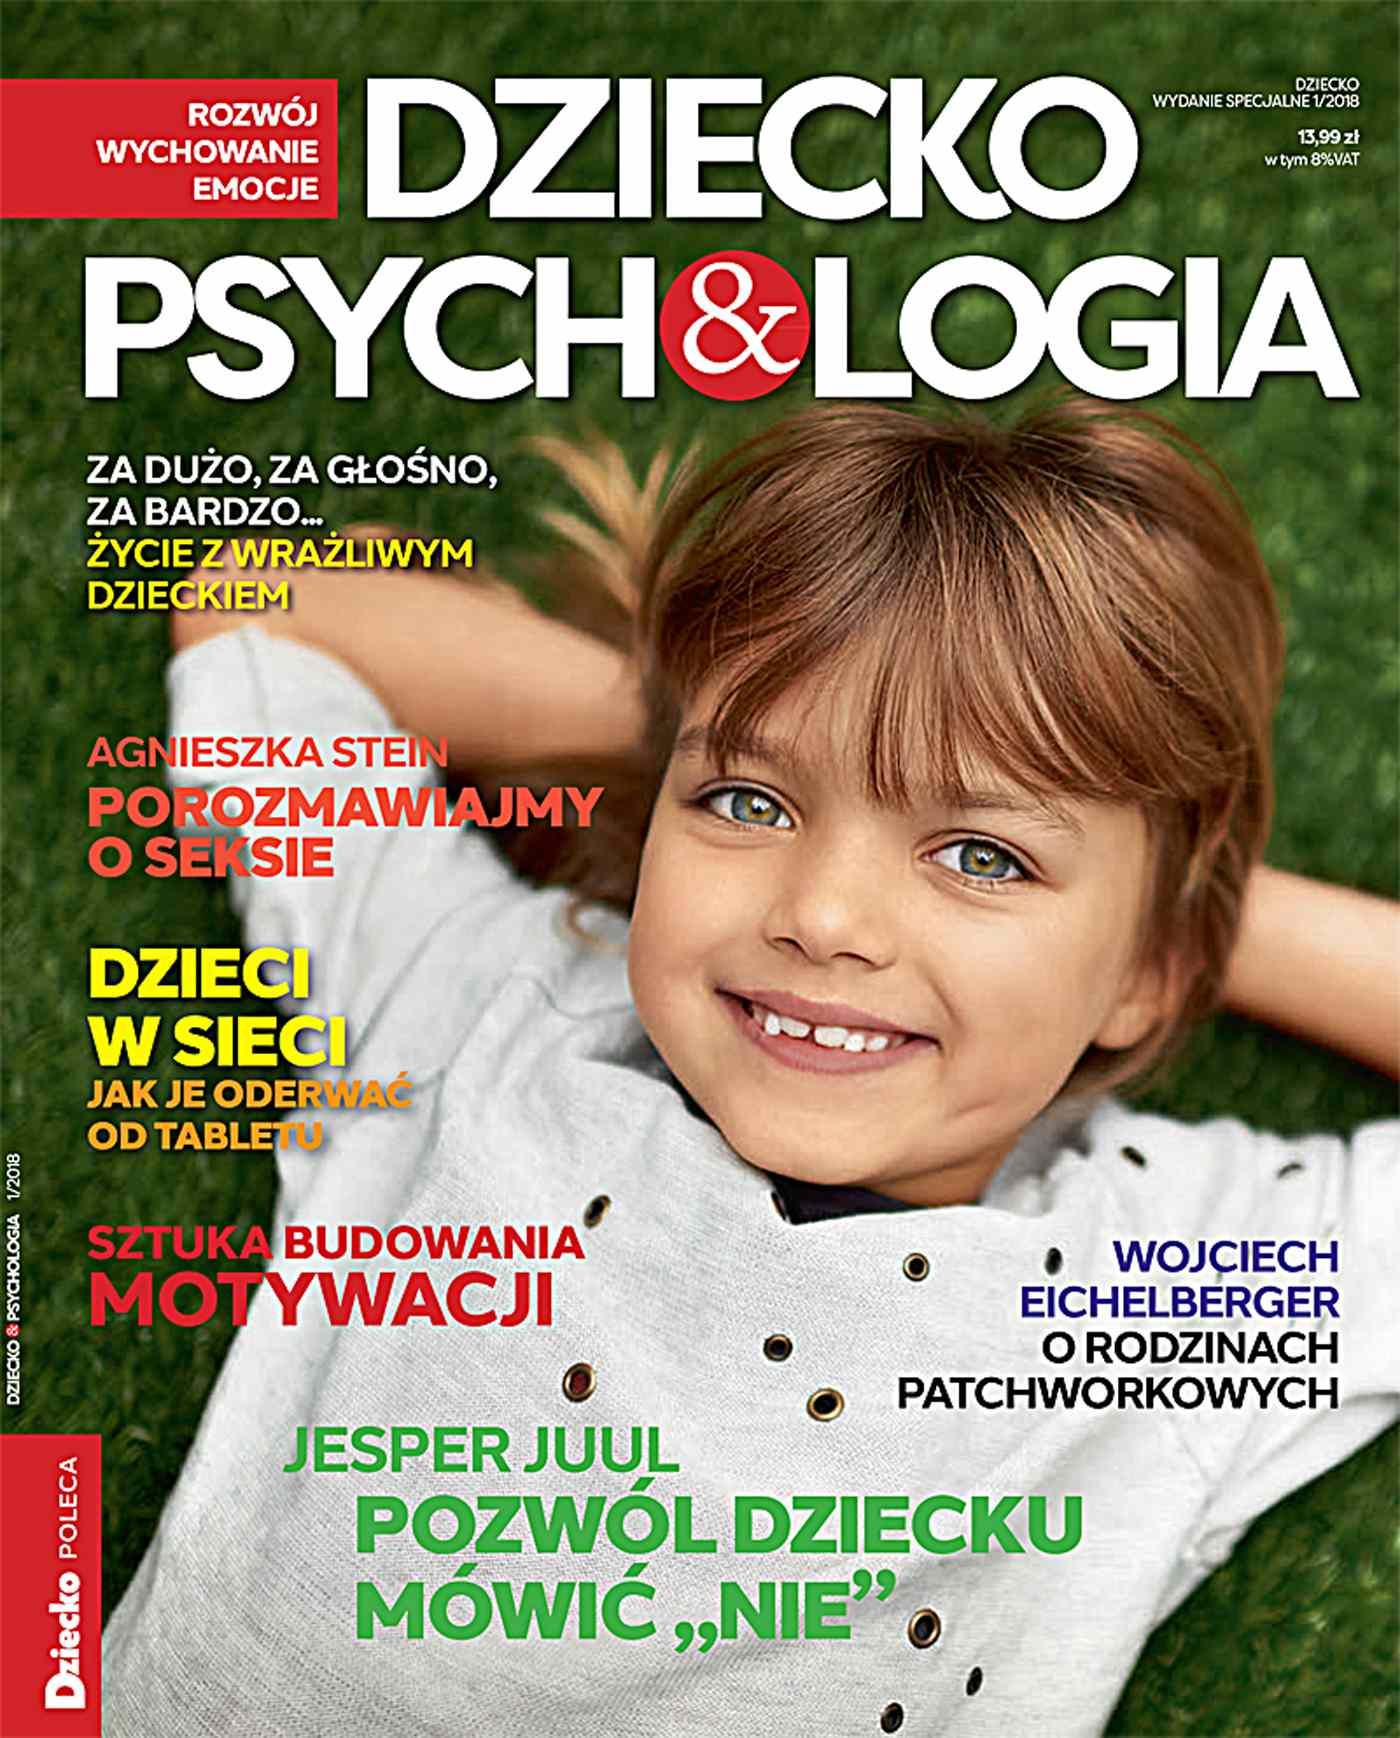 Dziecko & Psychologia. Dziecko. Wydanie Specjalne  1/2018 - Ebook (Książka PDF) do pobrania w formacie PDF